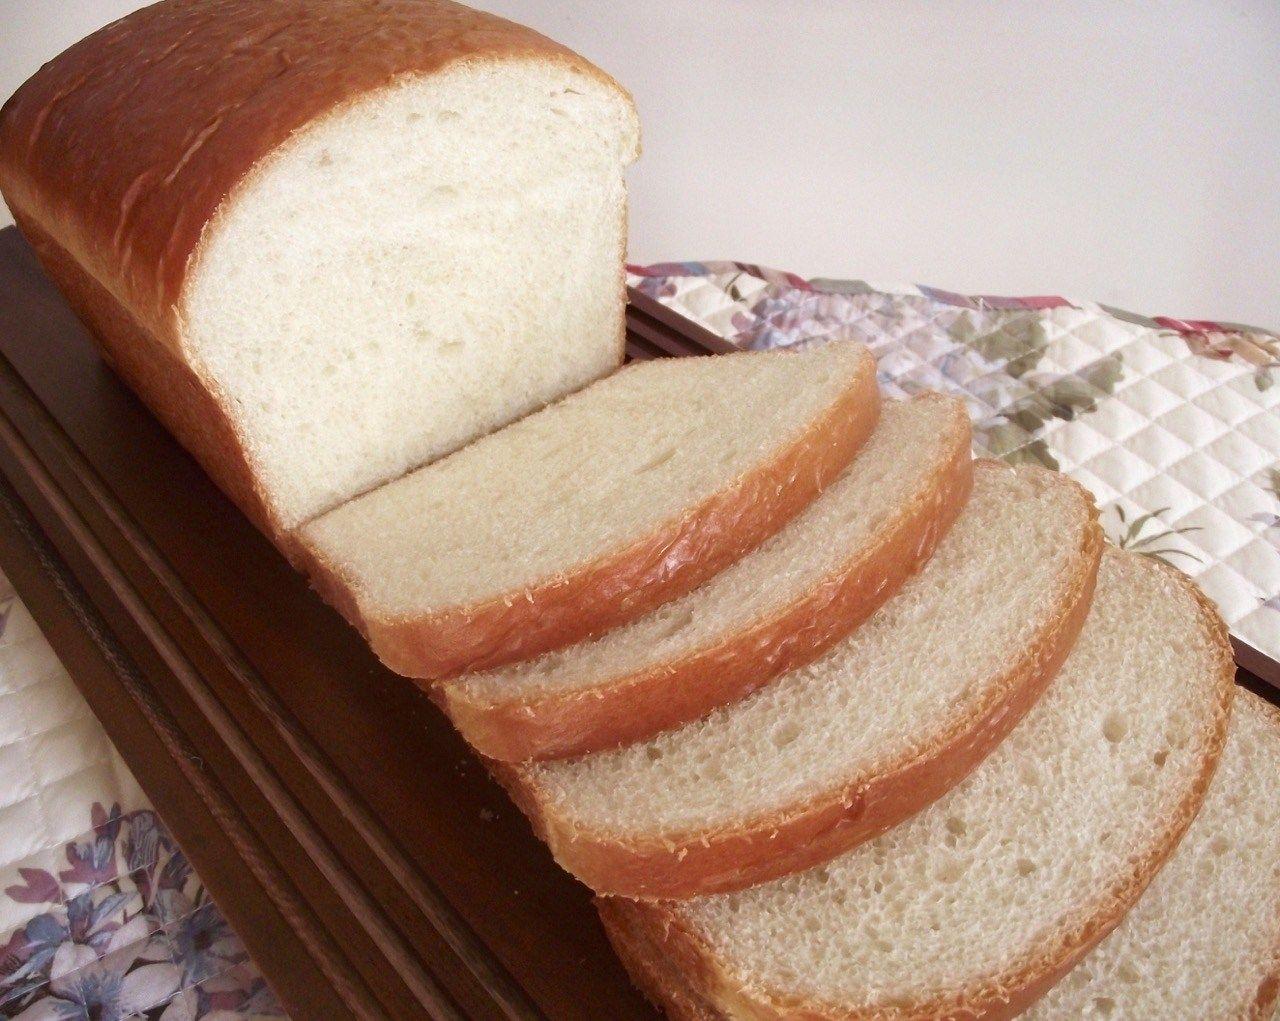 Amish Friendship Bread White Bread by Carol Gage ♥️ friendshipbreadkitchen.com